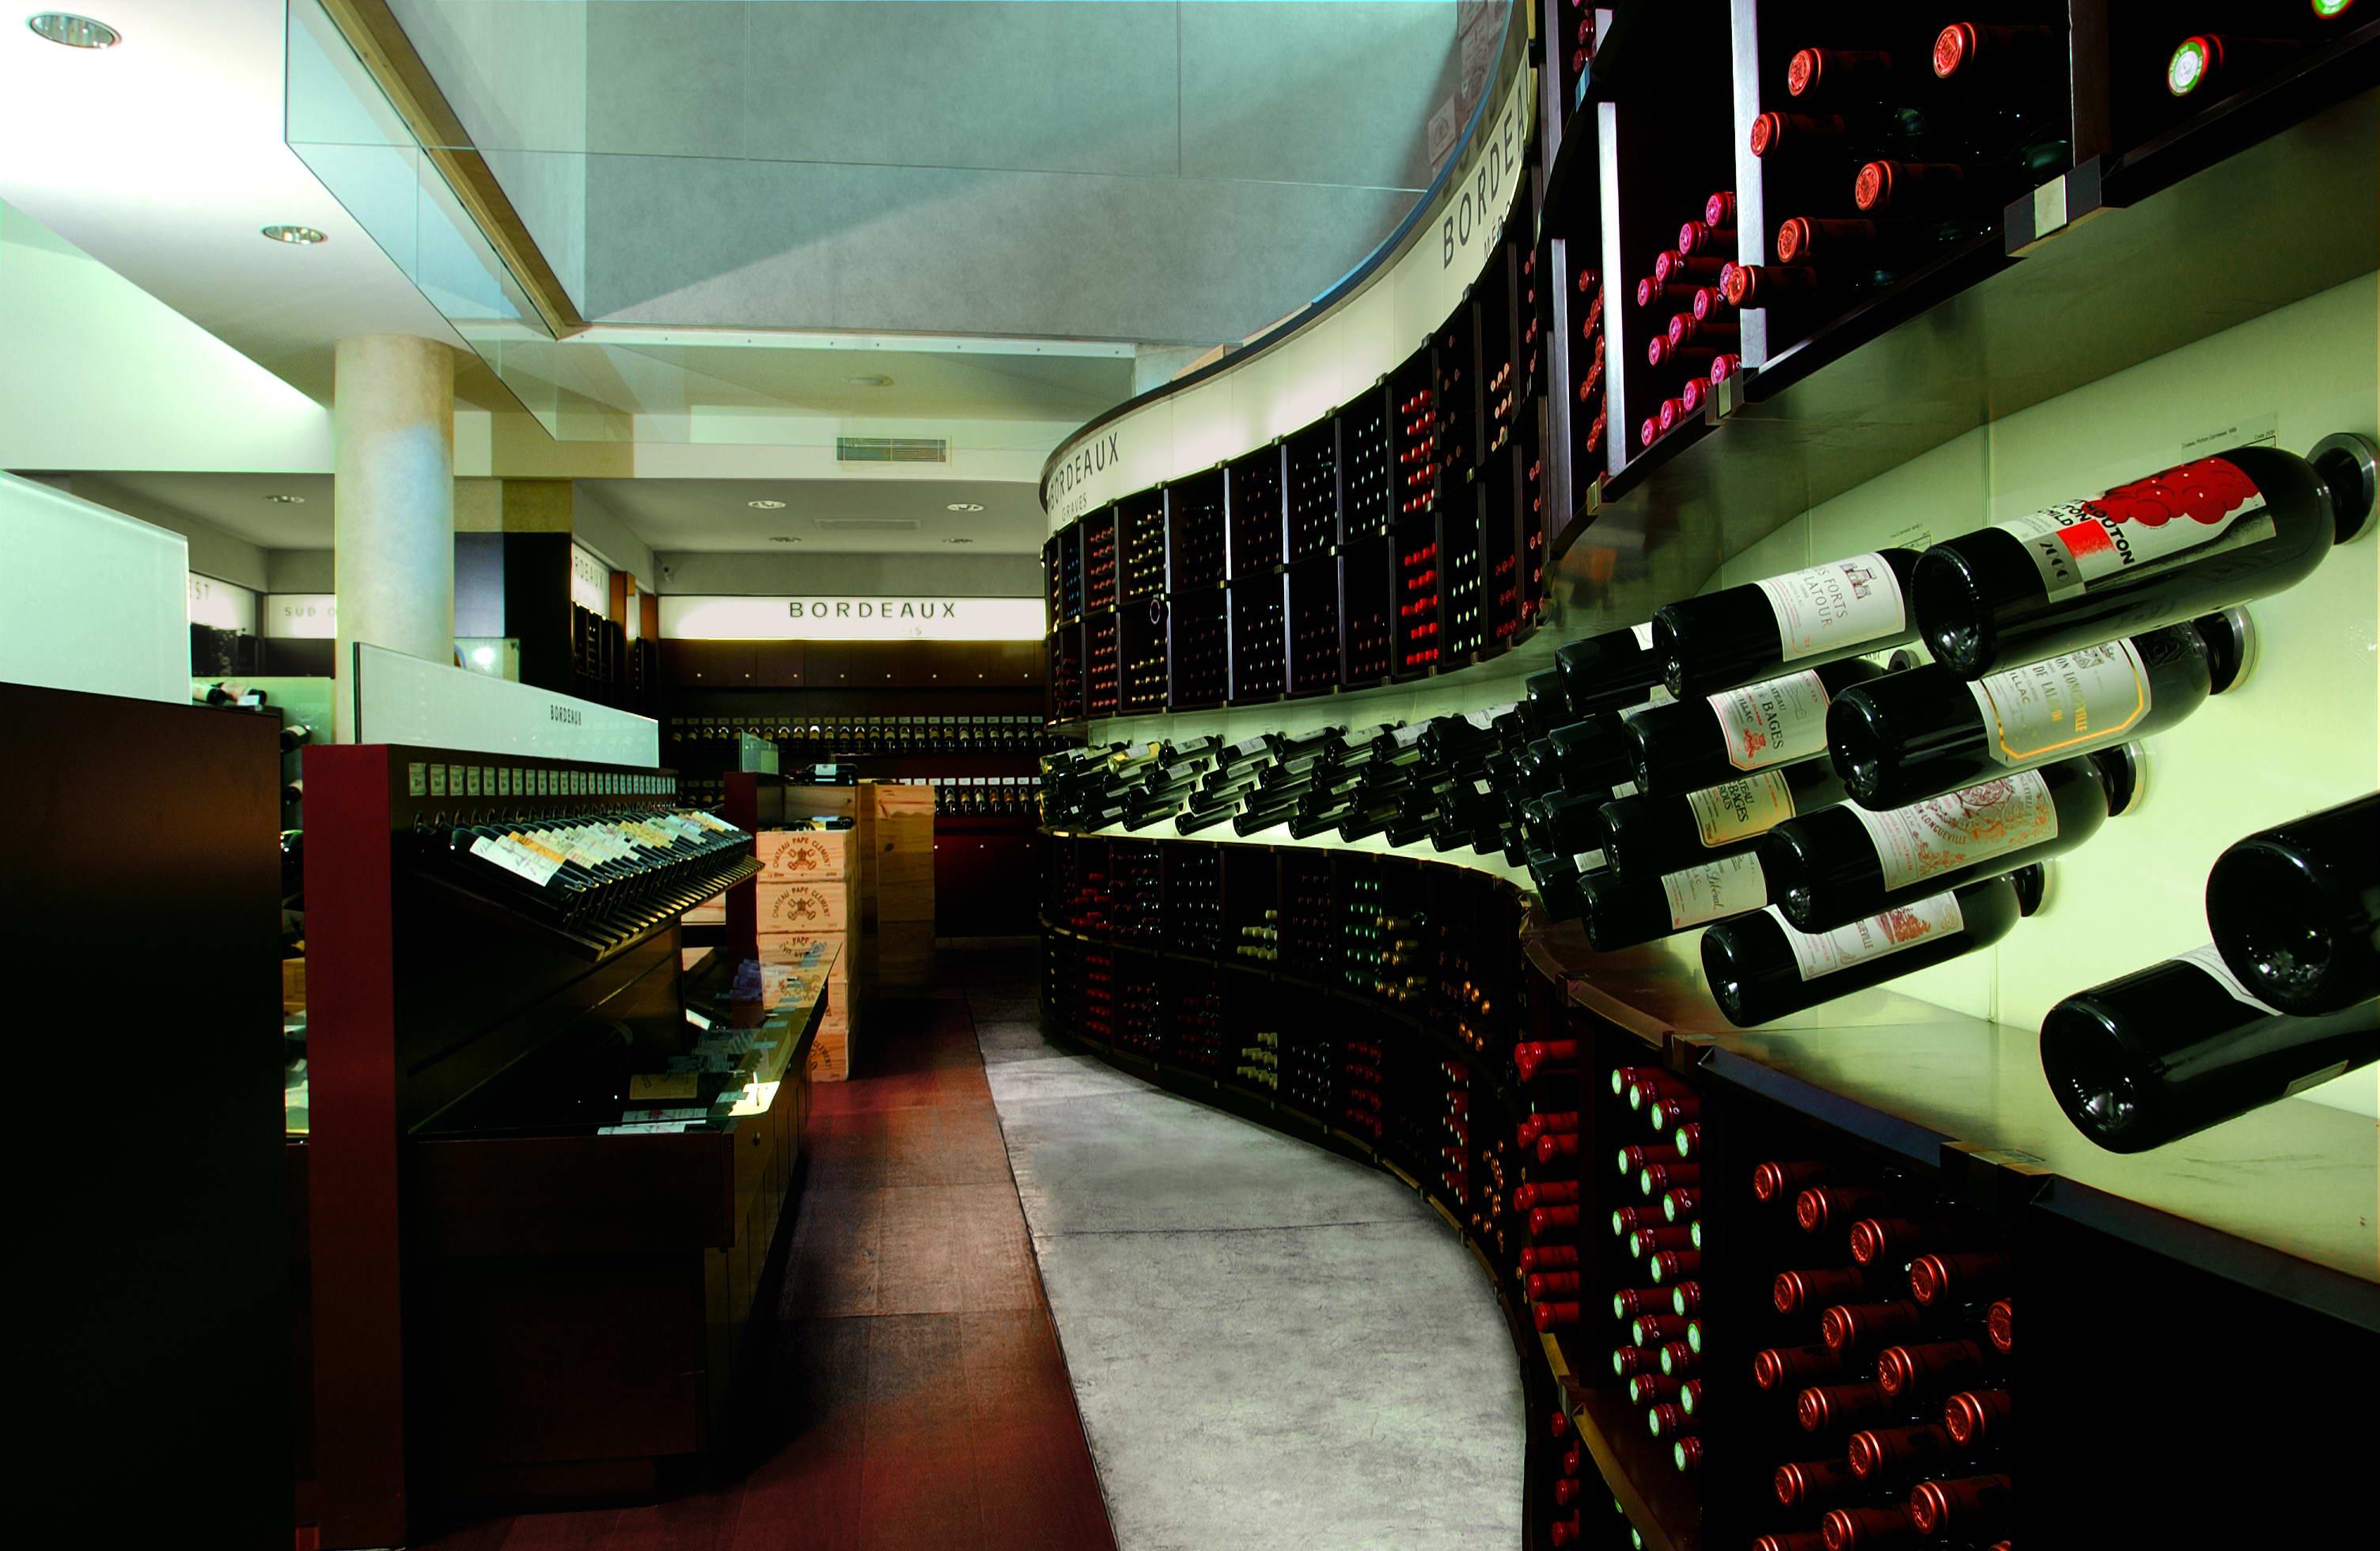 vente-de-vin.com, j'ai envie de vendre en ligne mon vin